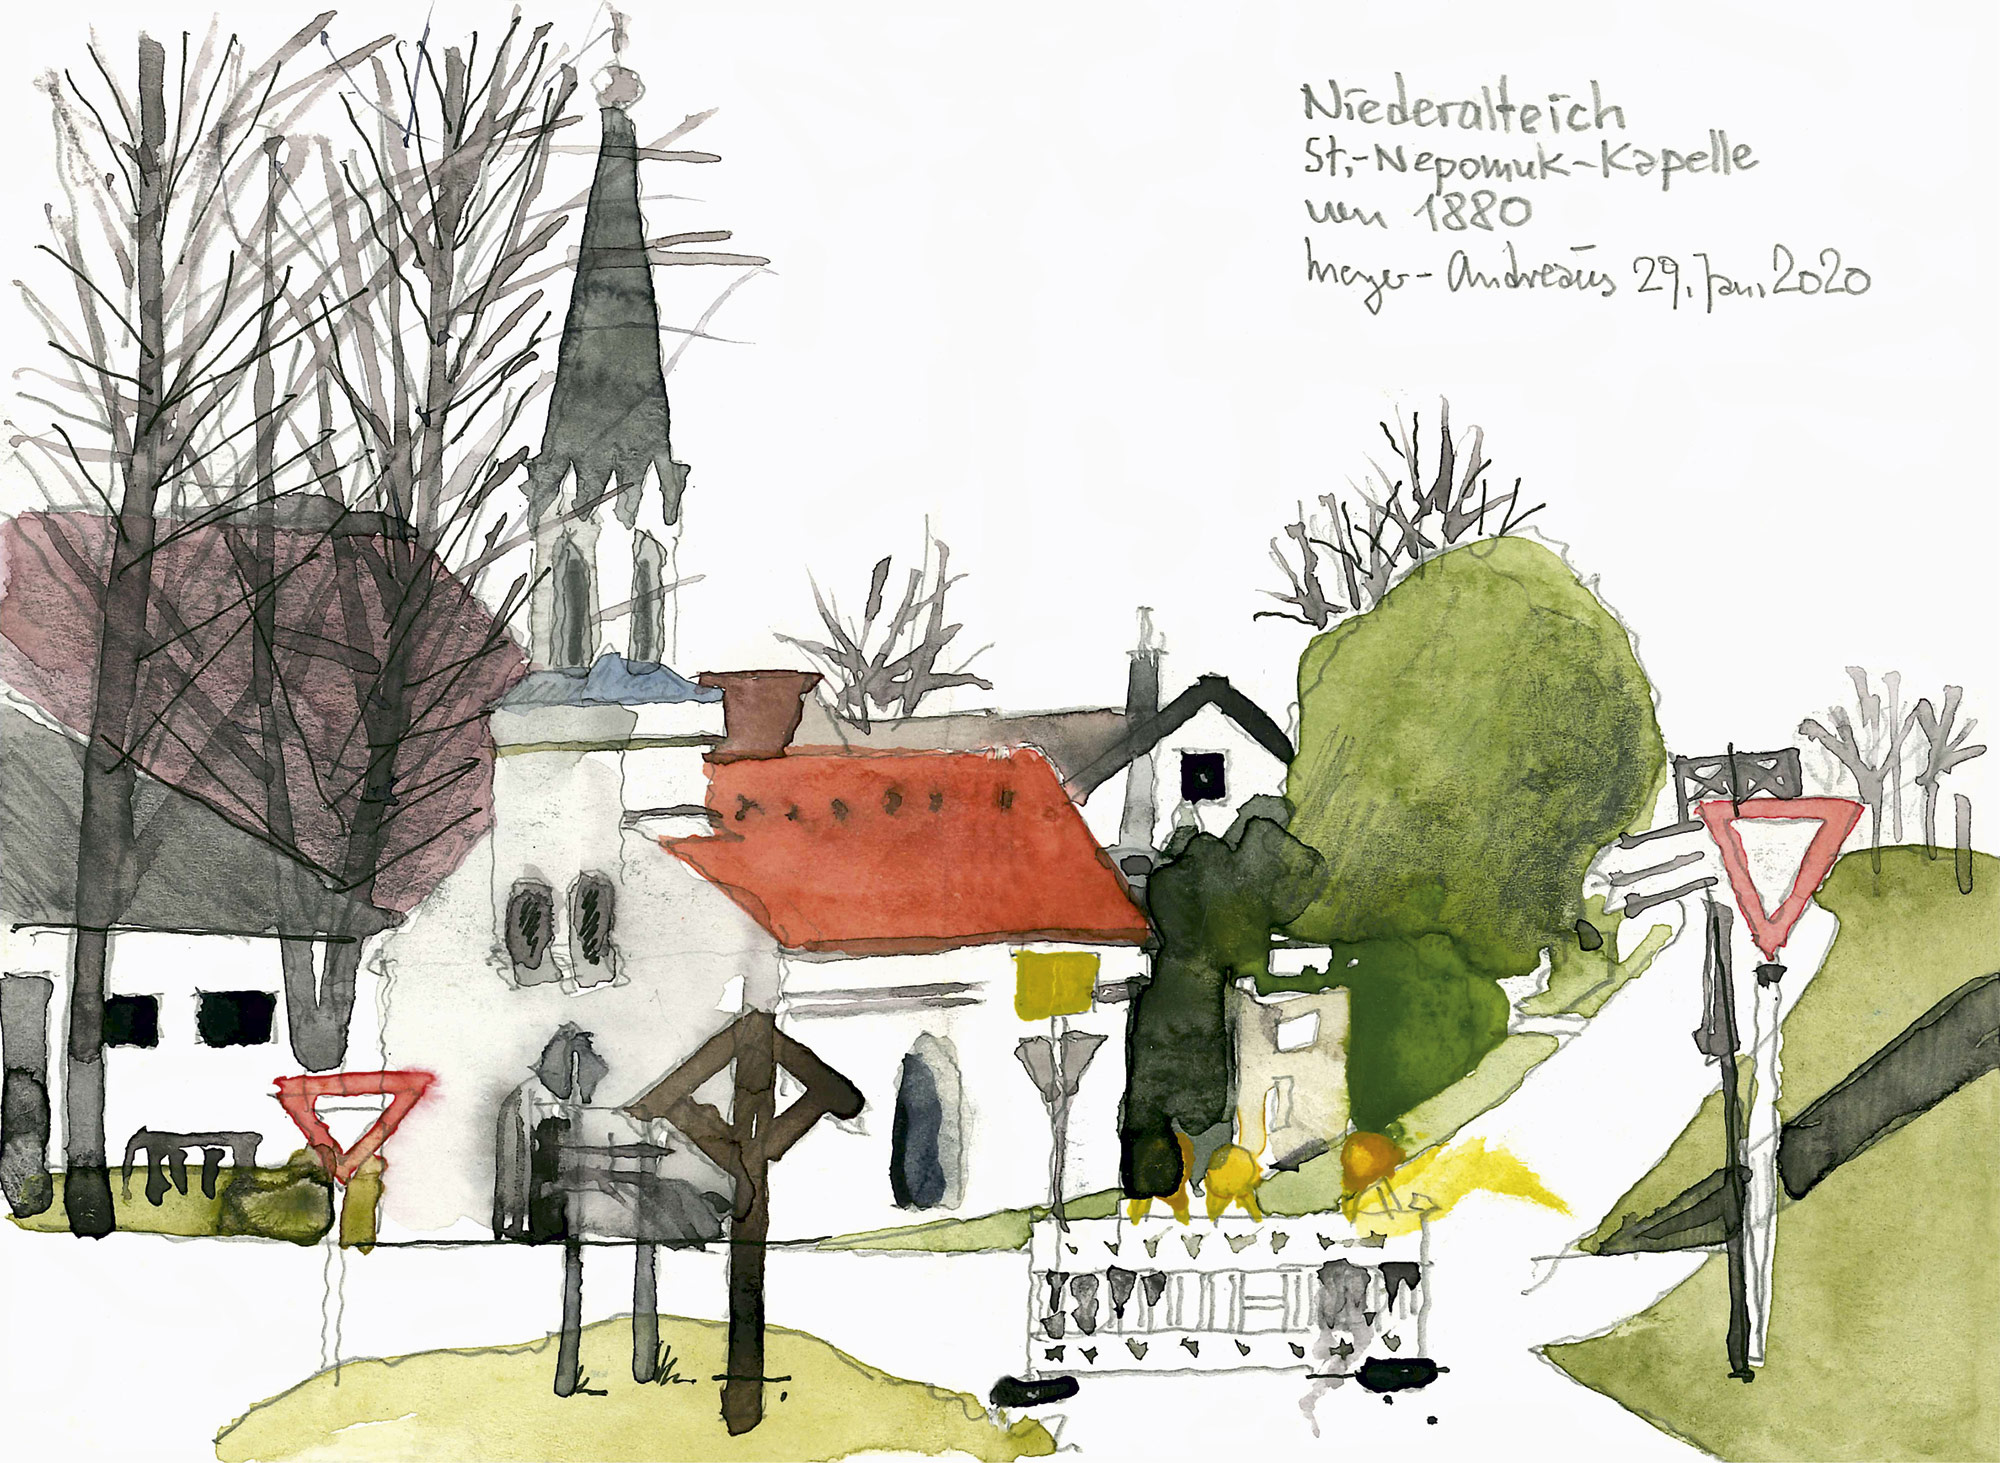 04-Niederalteich